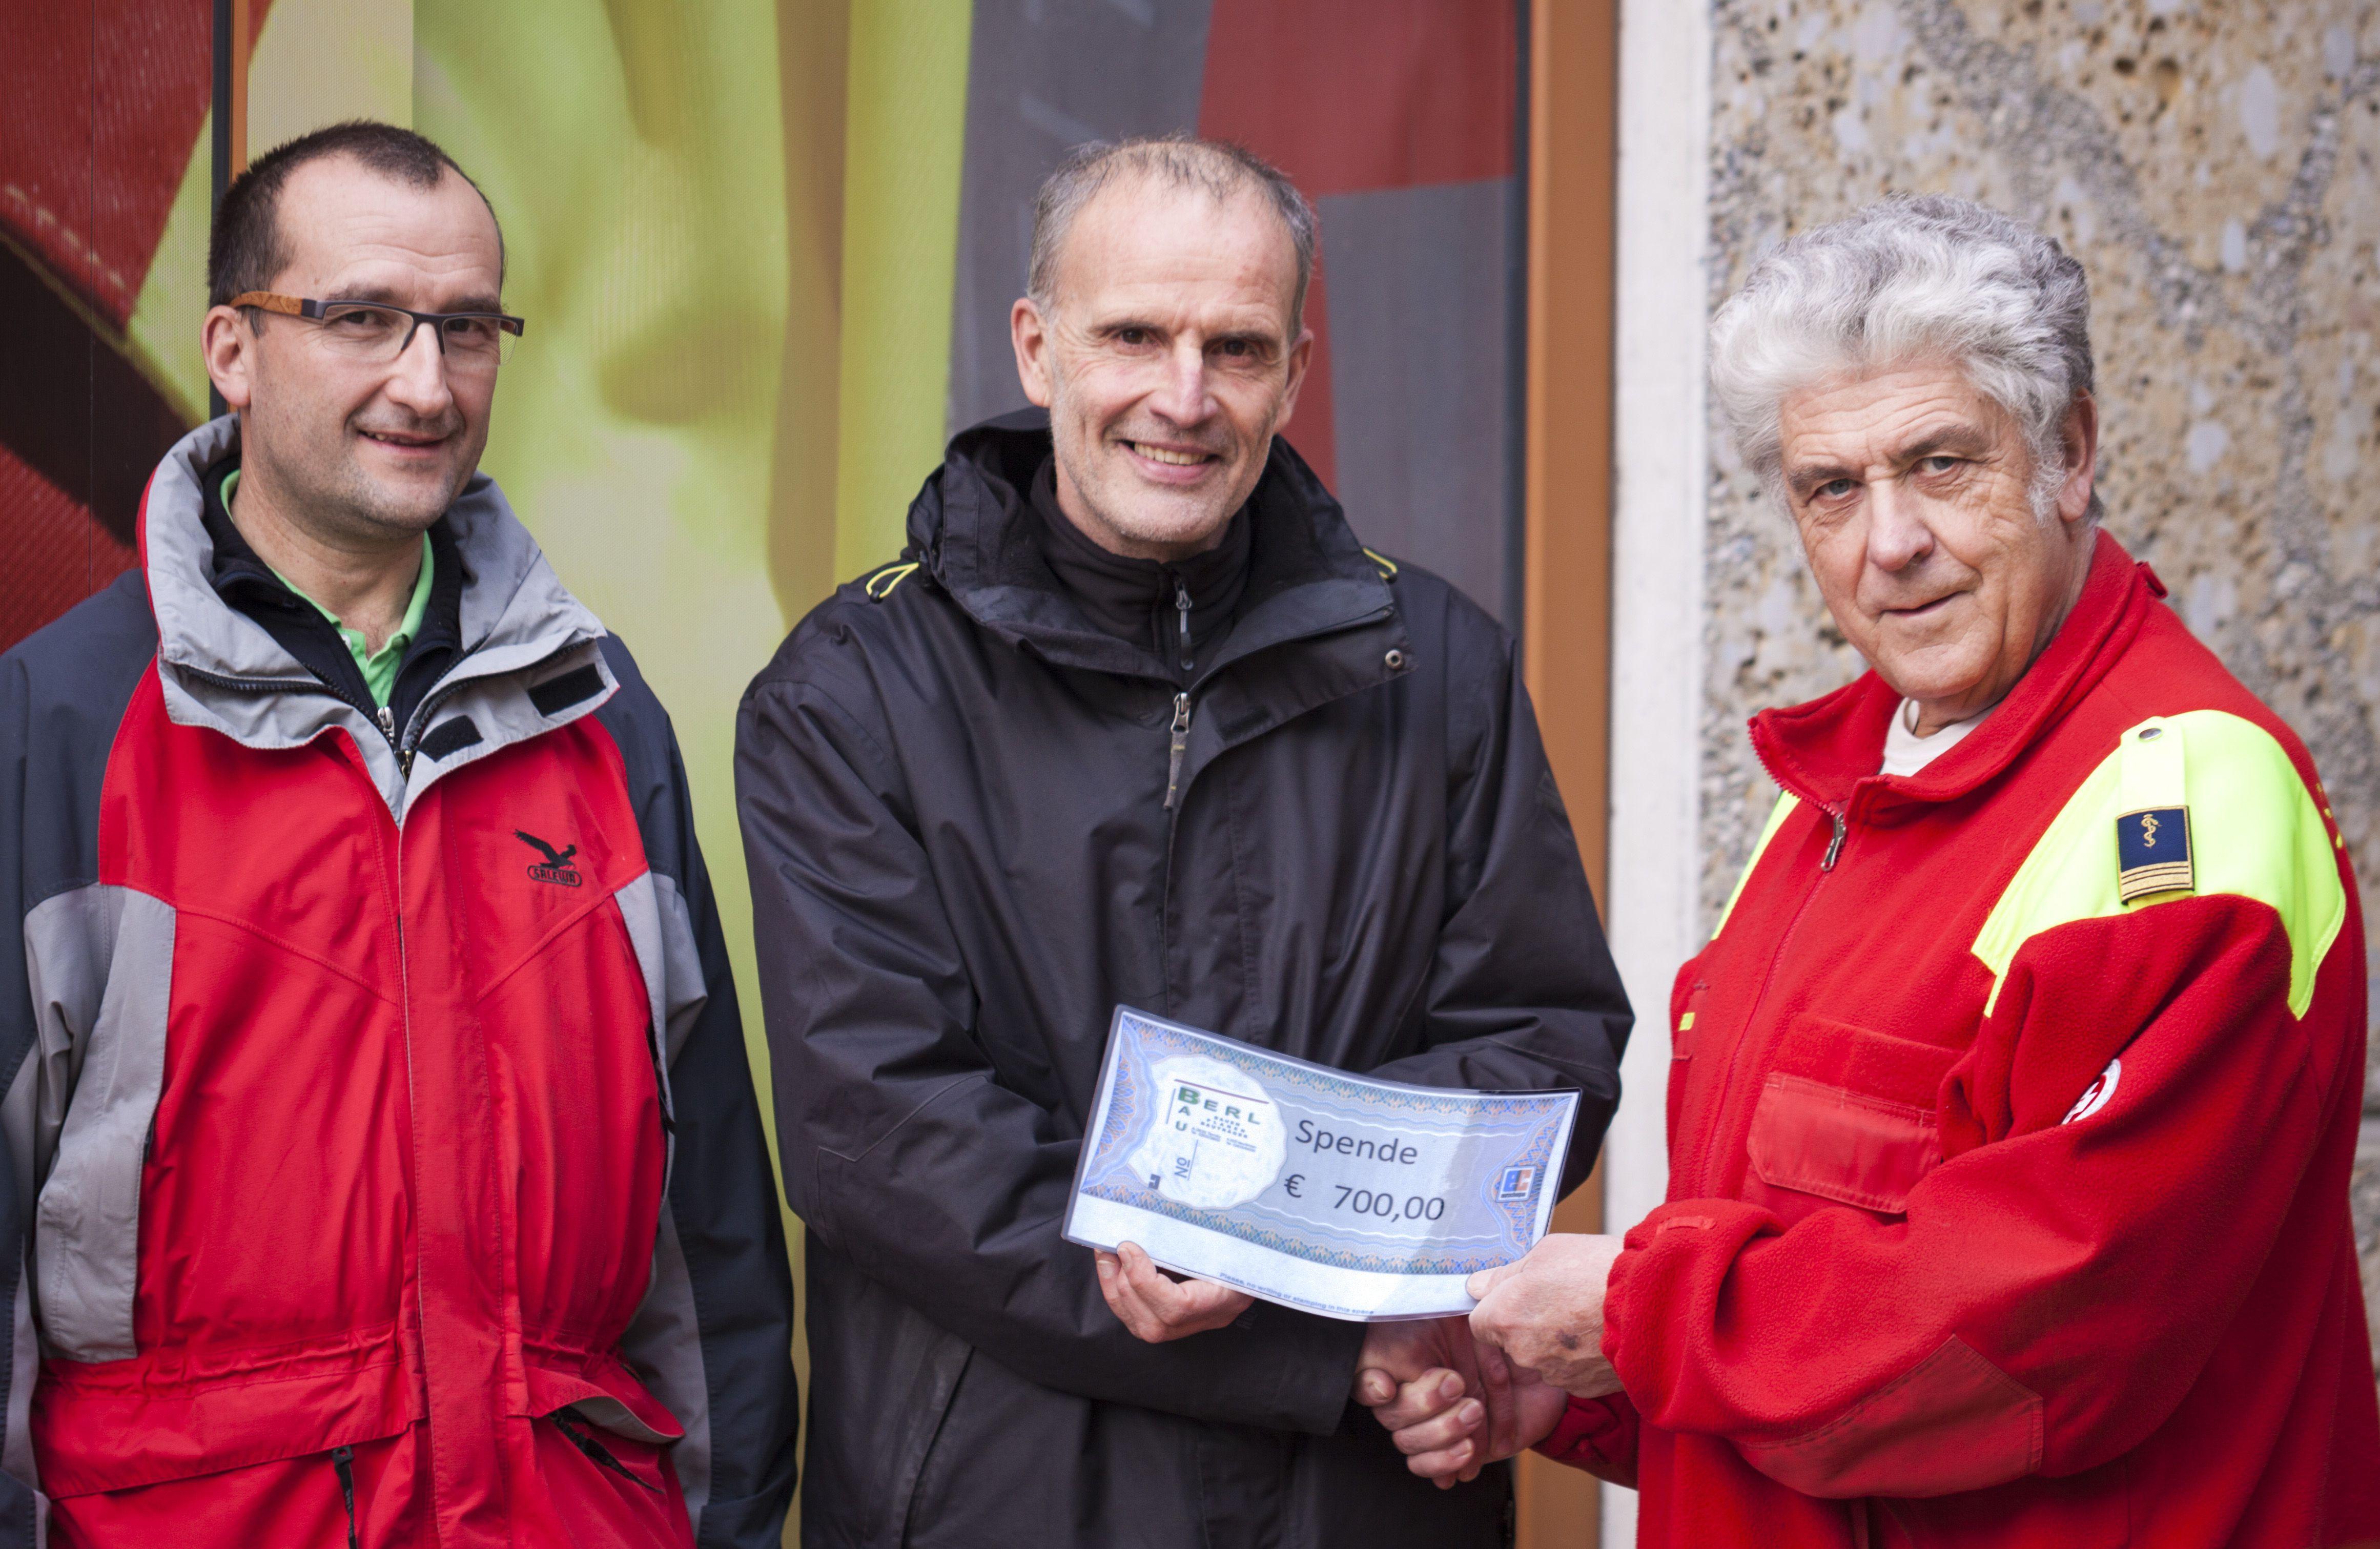 Ing. Walter Leinweber, Andreas Berl und Helmut Hauer